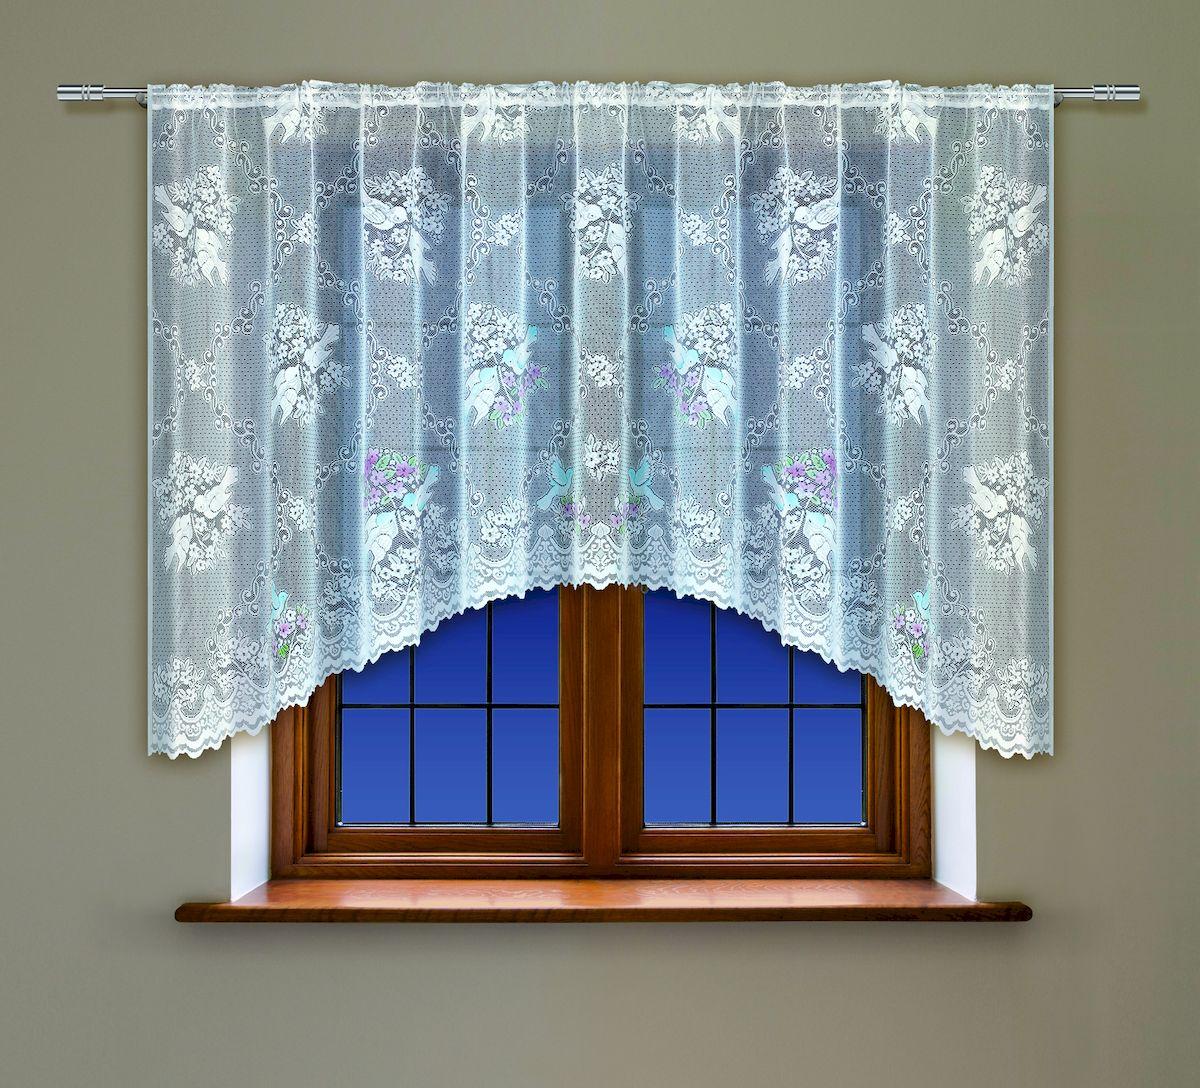 Гардина Haft, на кулиске, цвет: белый, высота 137 см. 222161222161/137Воздушная гардина Haft, выполненная из полиэстера, великолепно украсит любое окно.Изделие имеет оригинальный дизайн и органично впишется в интерьер помещения.Гардина крепится на карниз при помощи кулиски.